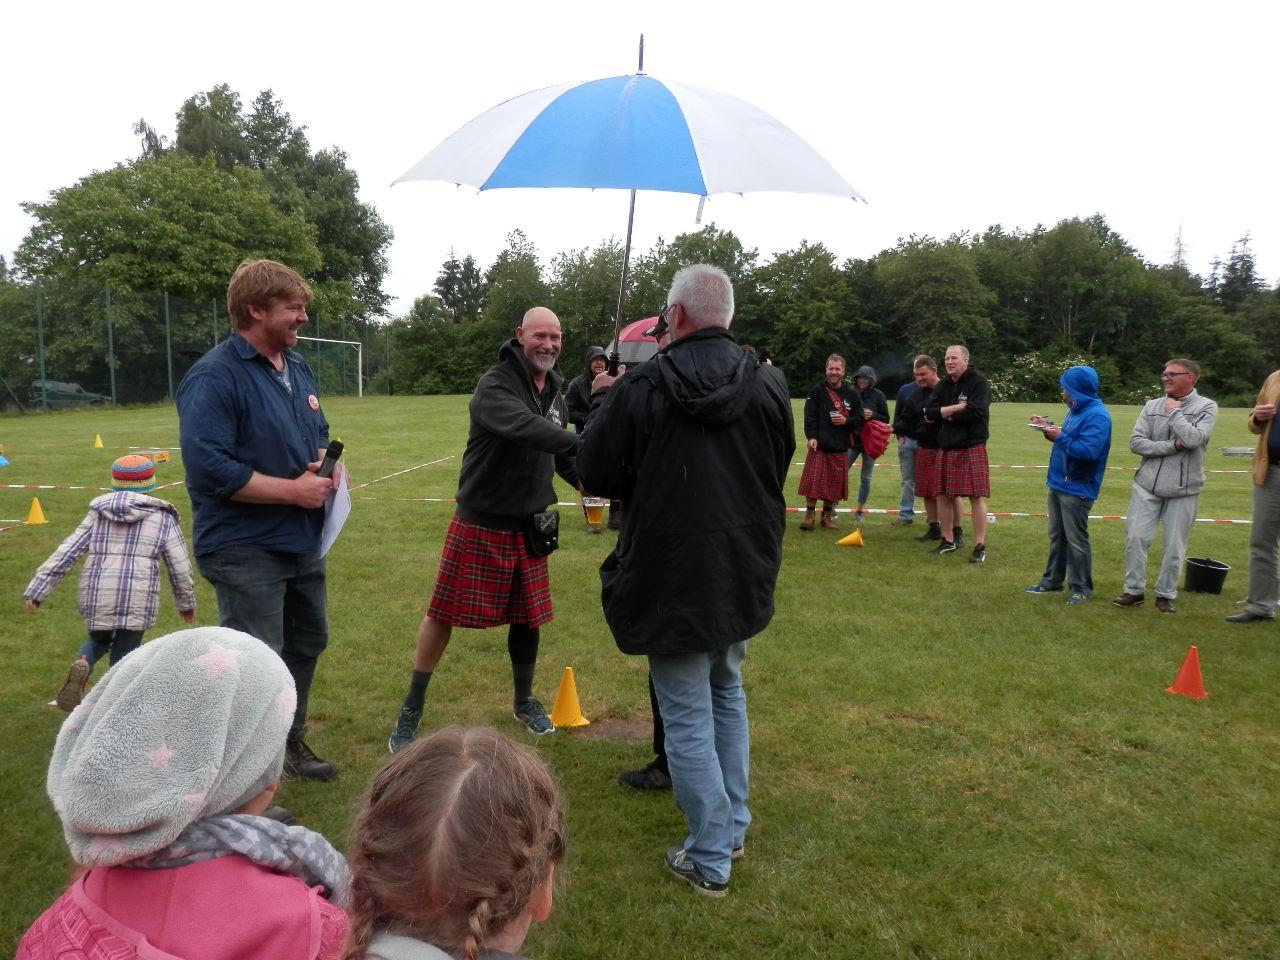 1. Sieger: Die Highlander